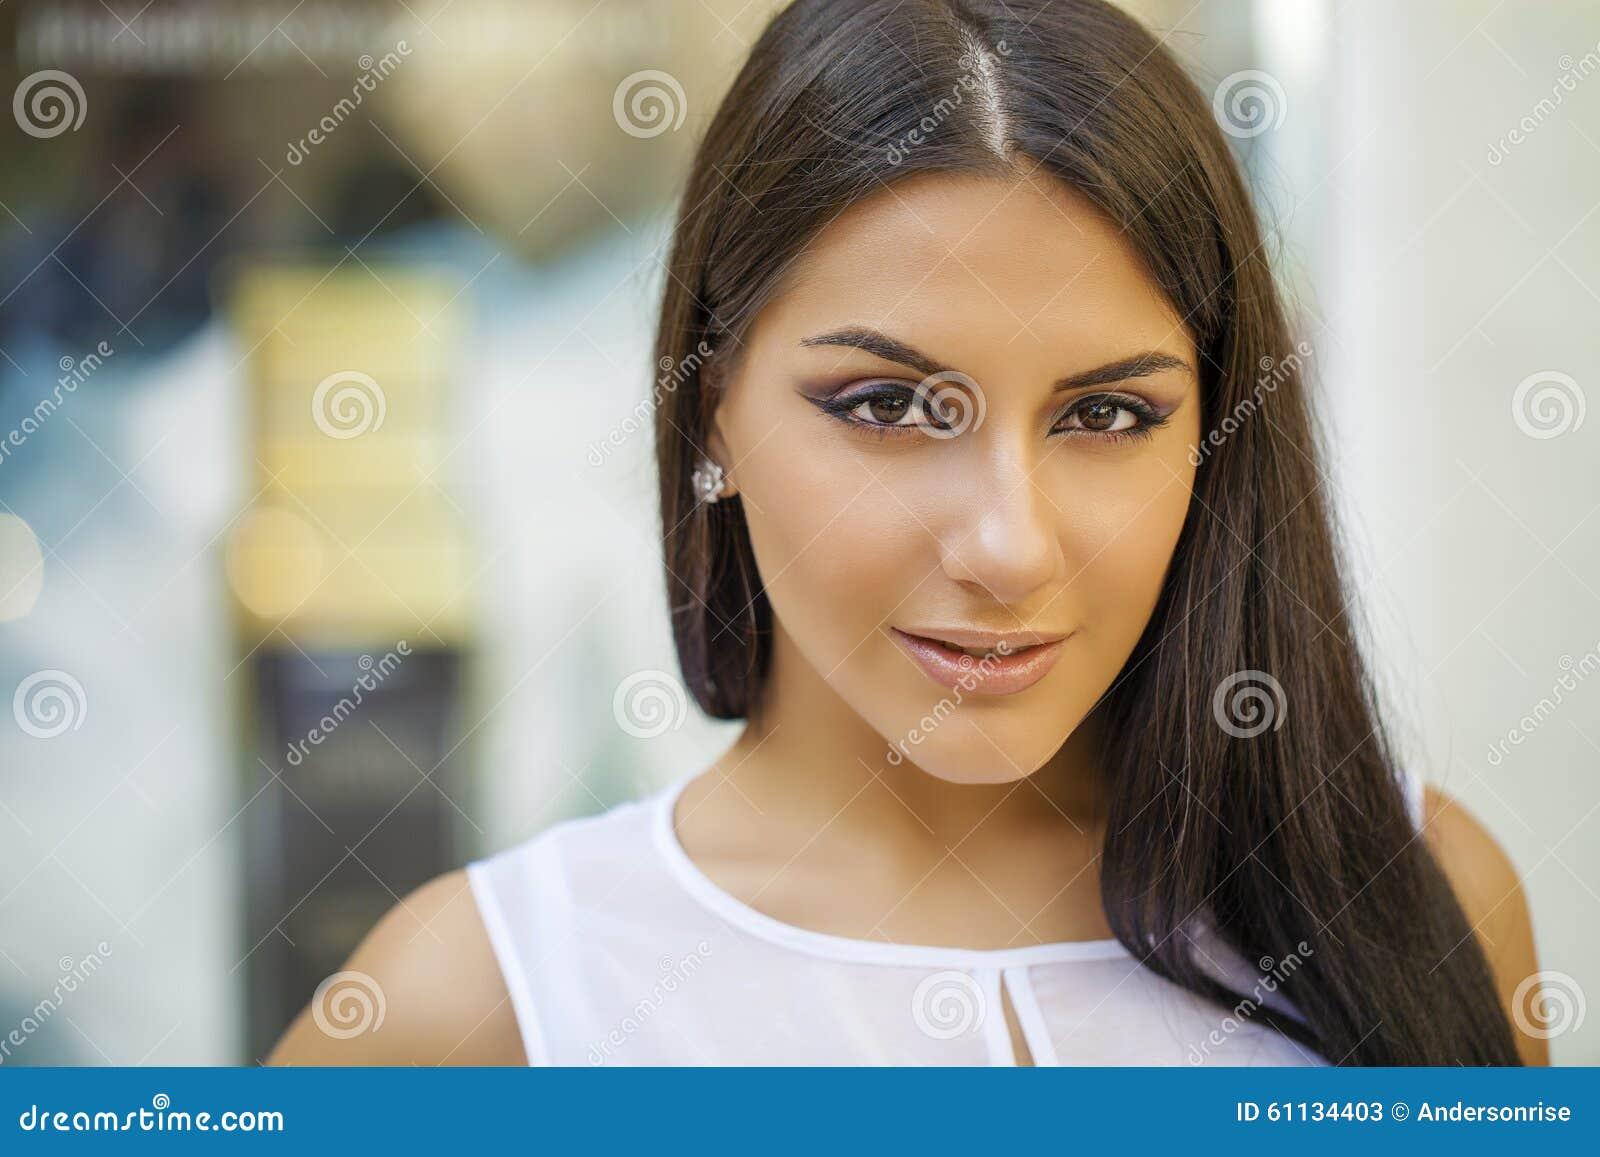 Stile orientale Modello arabo sensuale della donna Bella pelle pulita